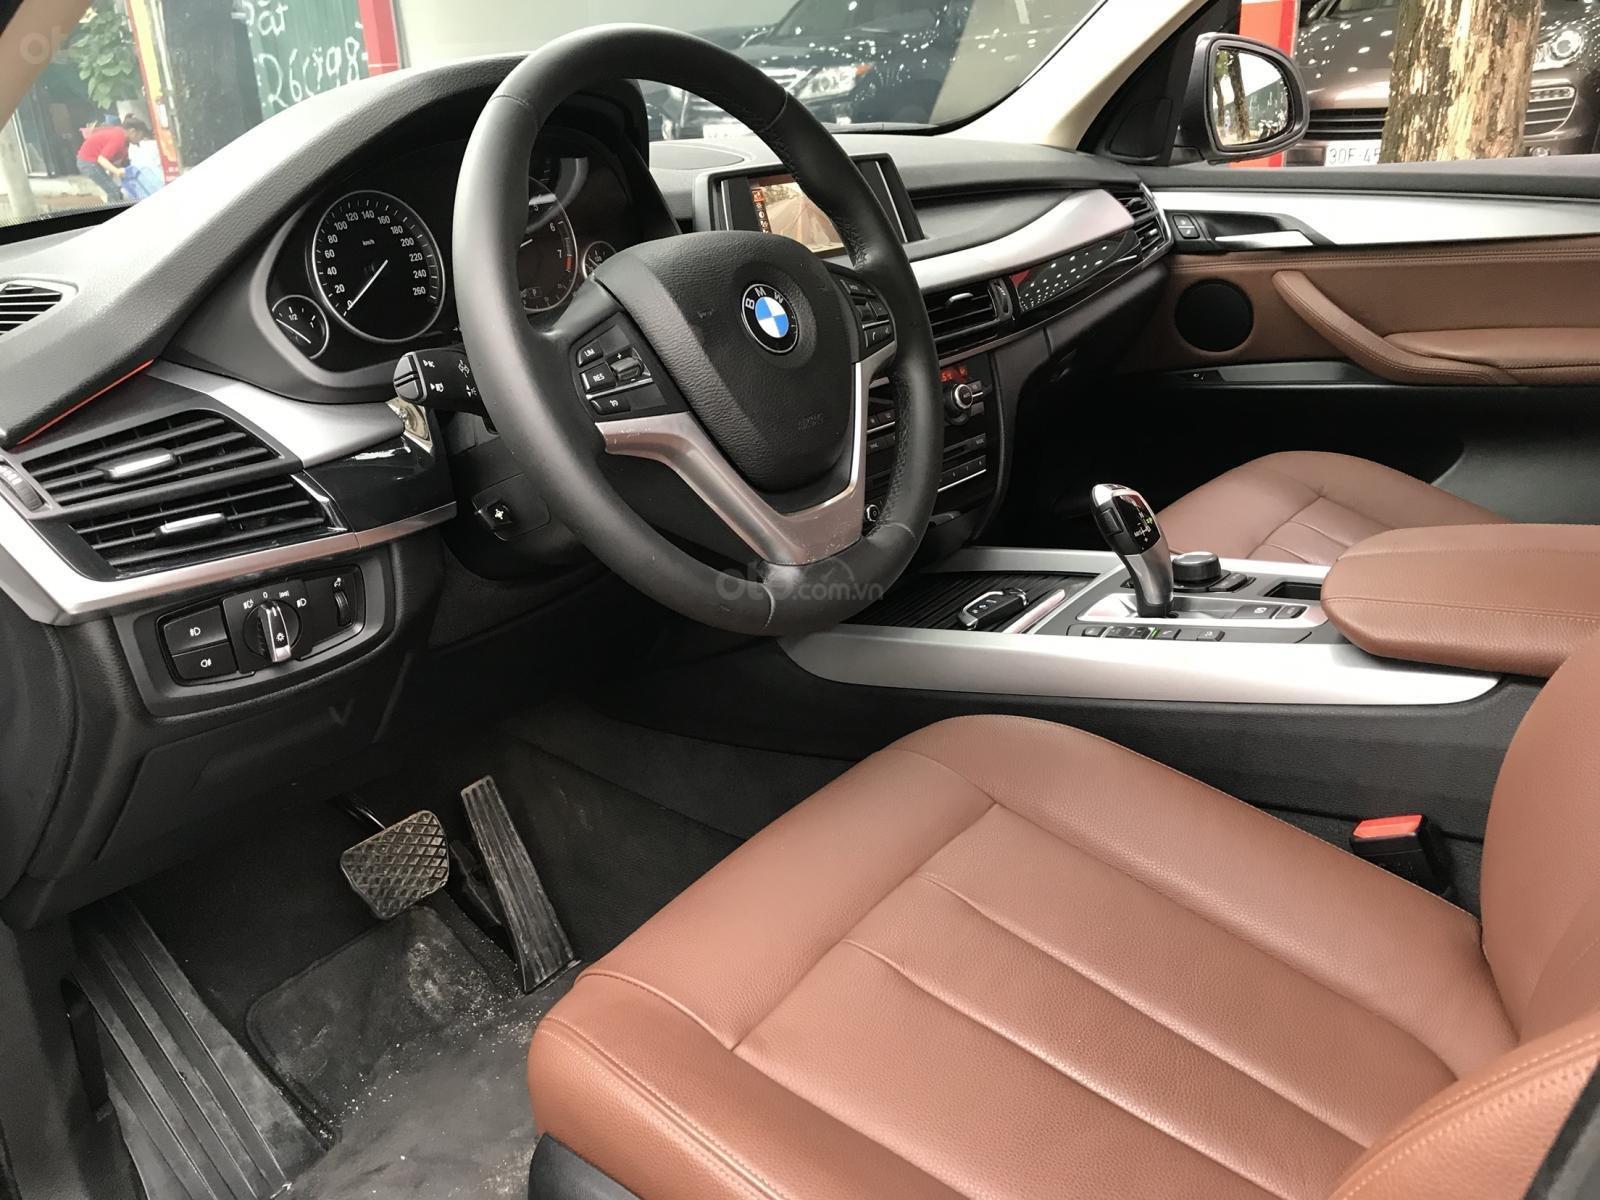 Chính chủ bán xe BMW X5 sản xuất 2016 màu trắng (5)